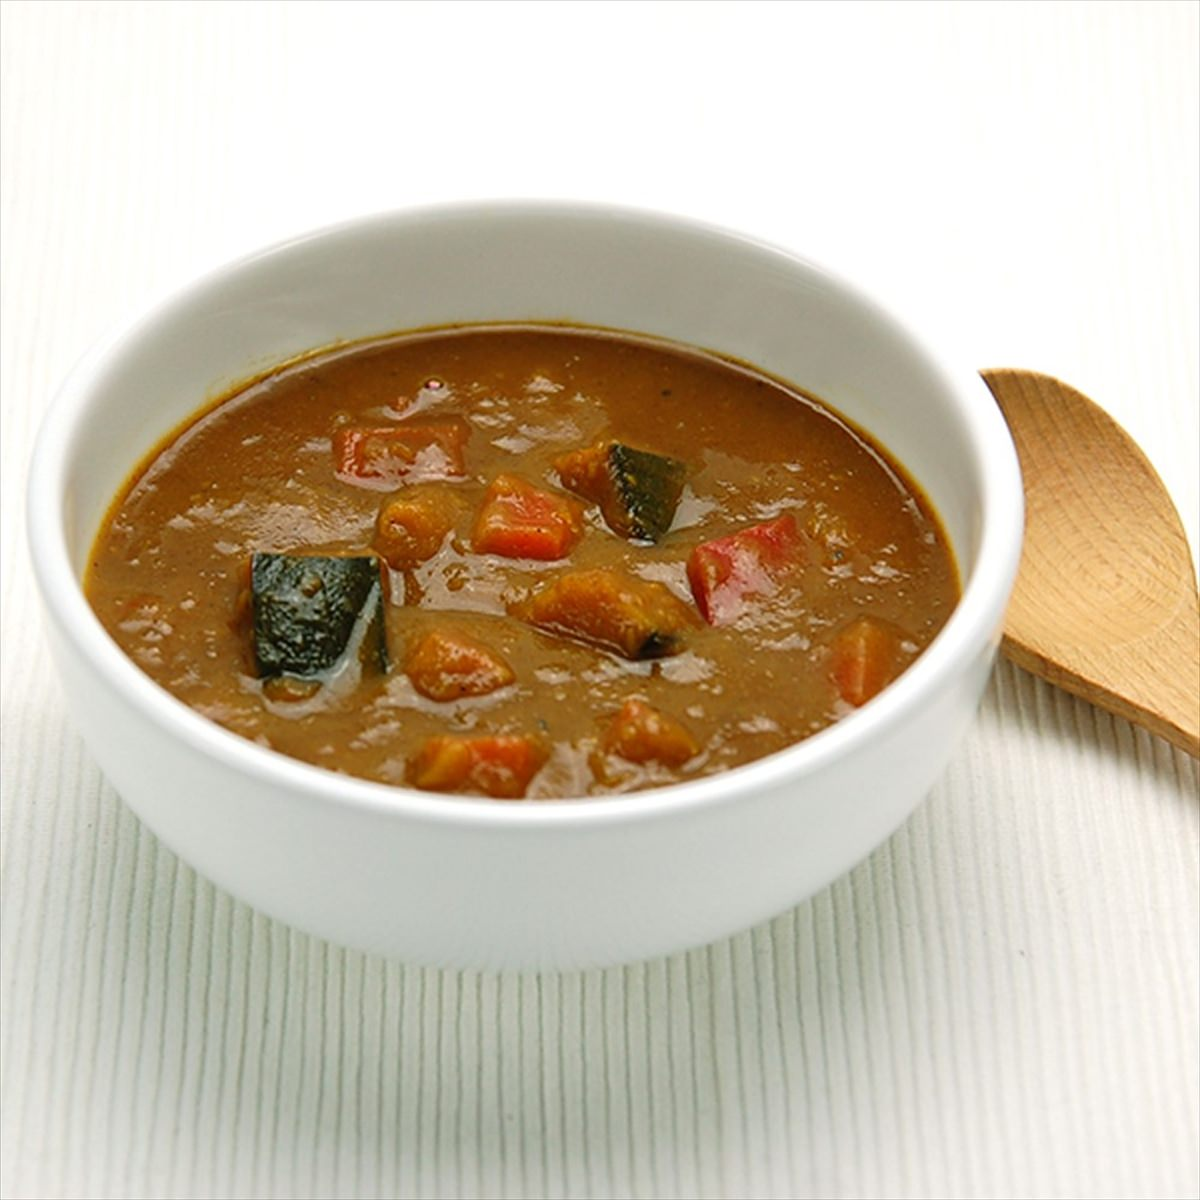 野菜カレーマイルド 8つの野菜で旨みぎっしり 5個 〔200g×5〕 東京都 無添加 レトルトカレー チャヤ マクロビオティックス